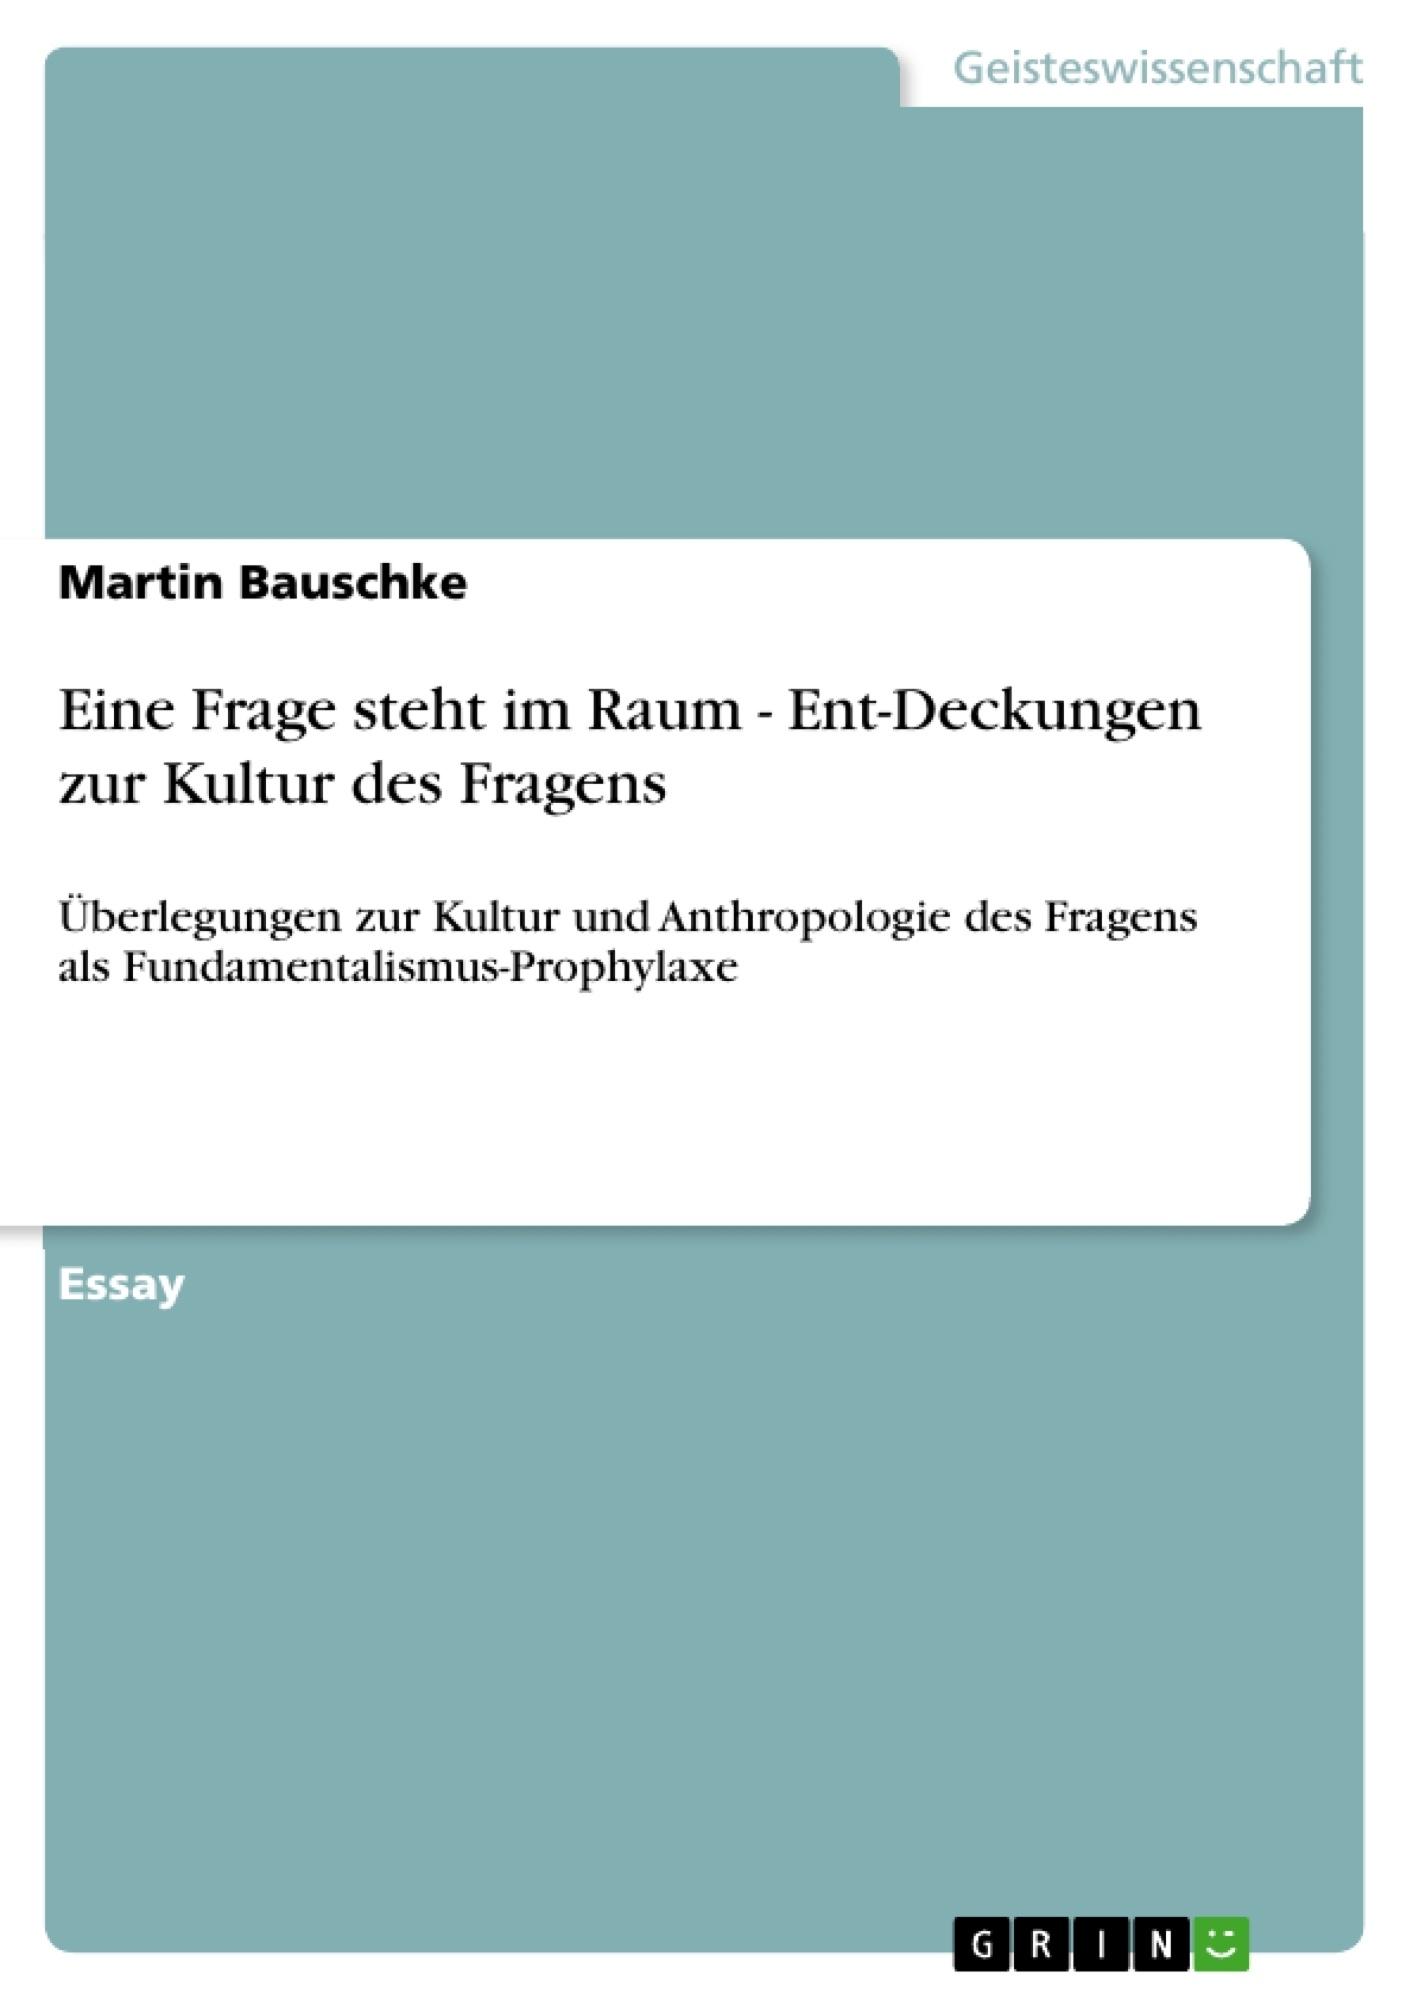 Titel: Eine Frage steht im Raum - Ent-Deckungen zur Kultur des Fragens